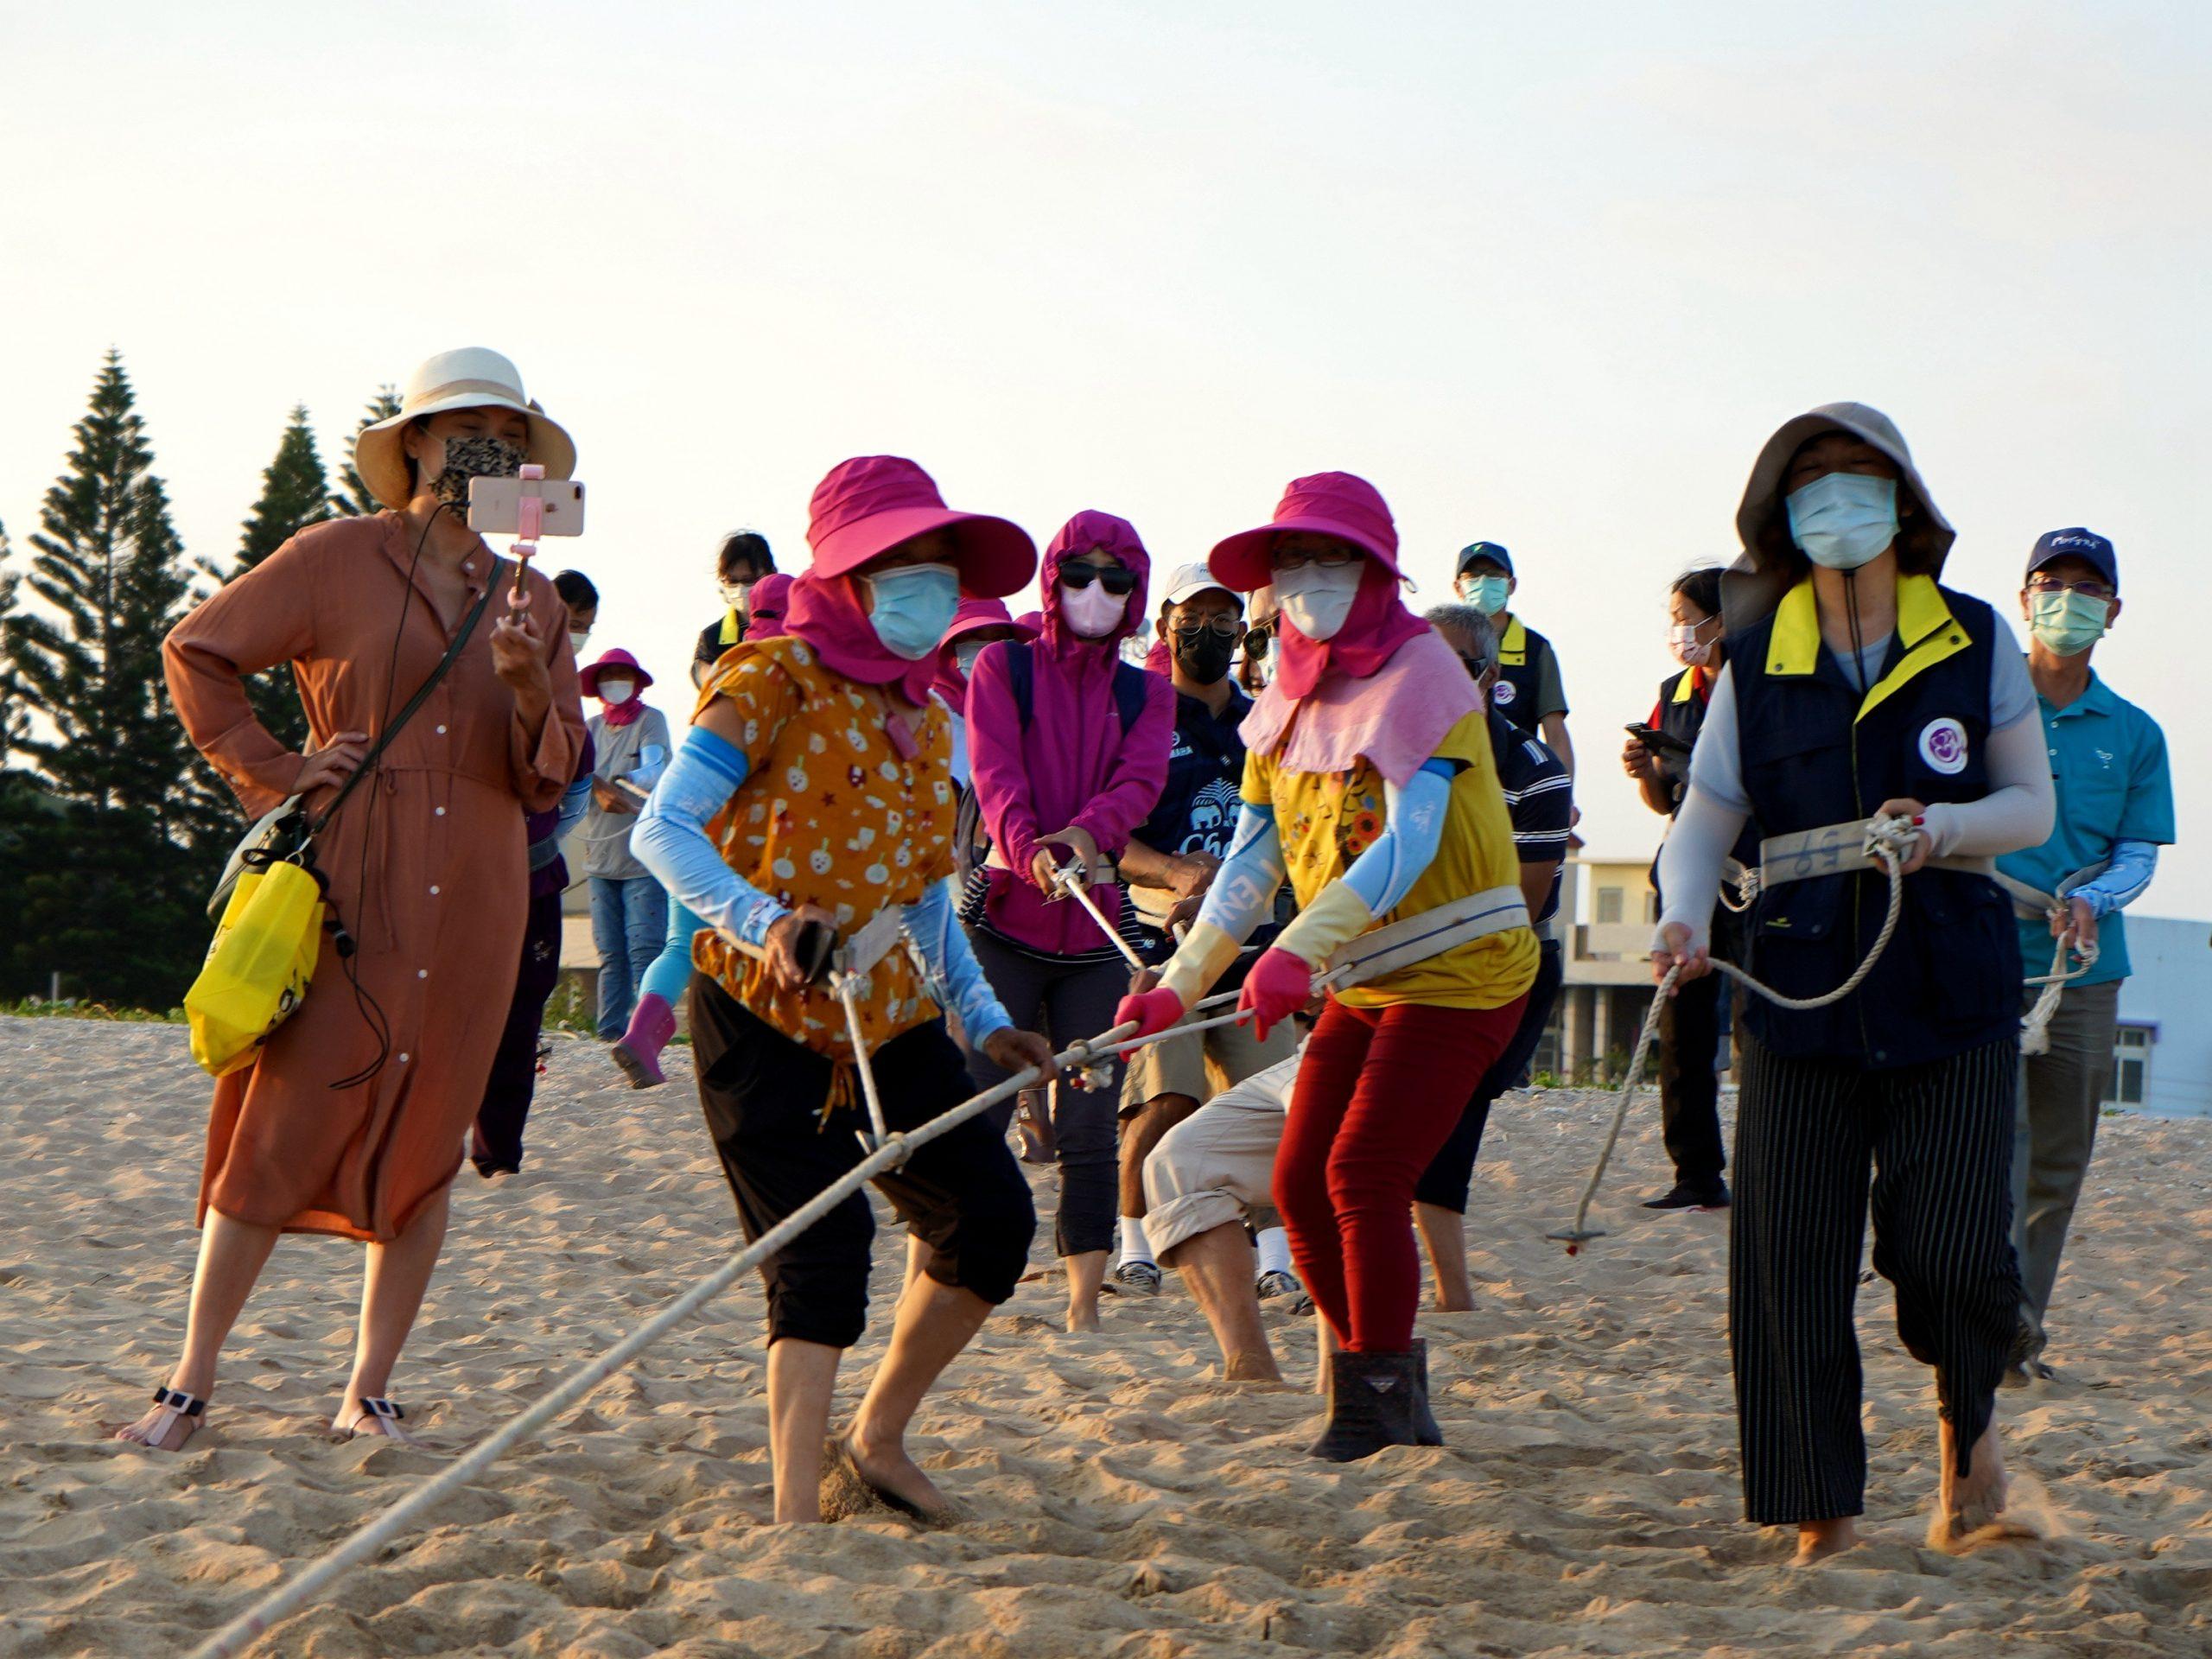 【澎湖。旅遊】澎湖秋冬微旅行從傳統技藝牽罟漁法再現起跑